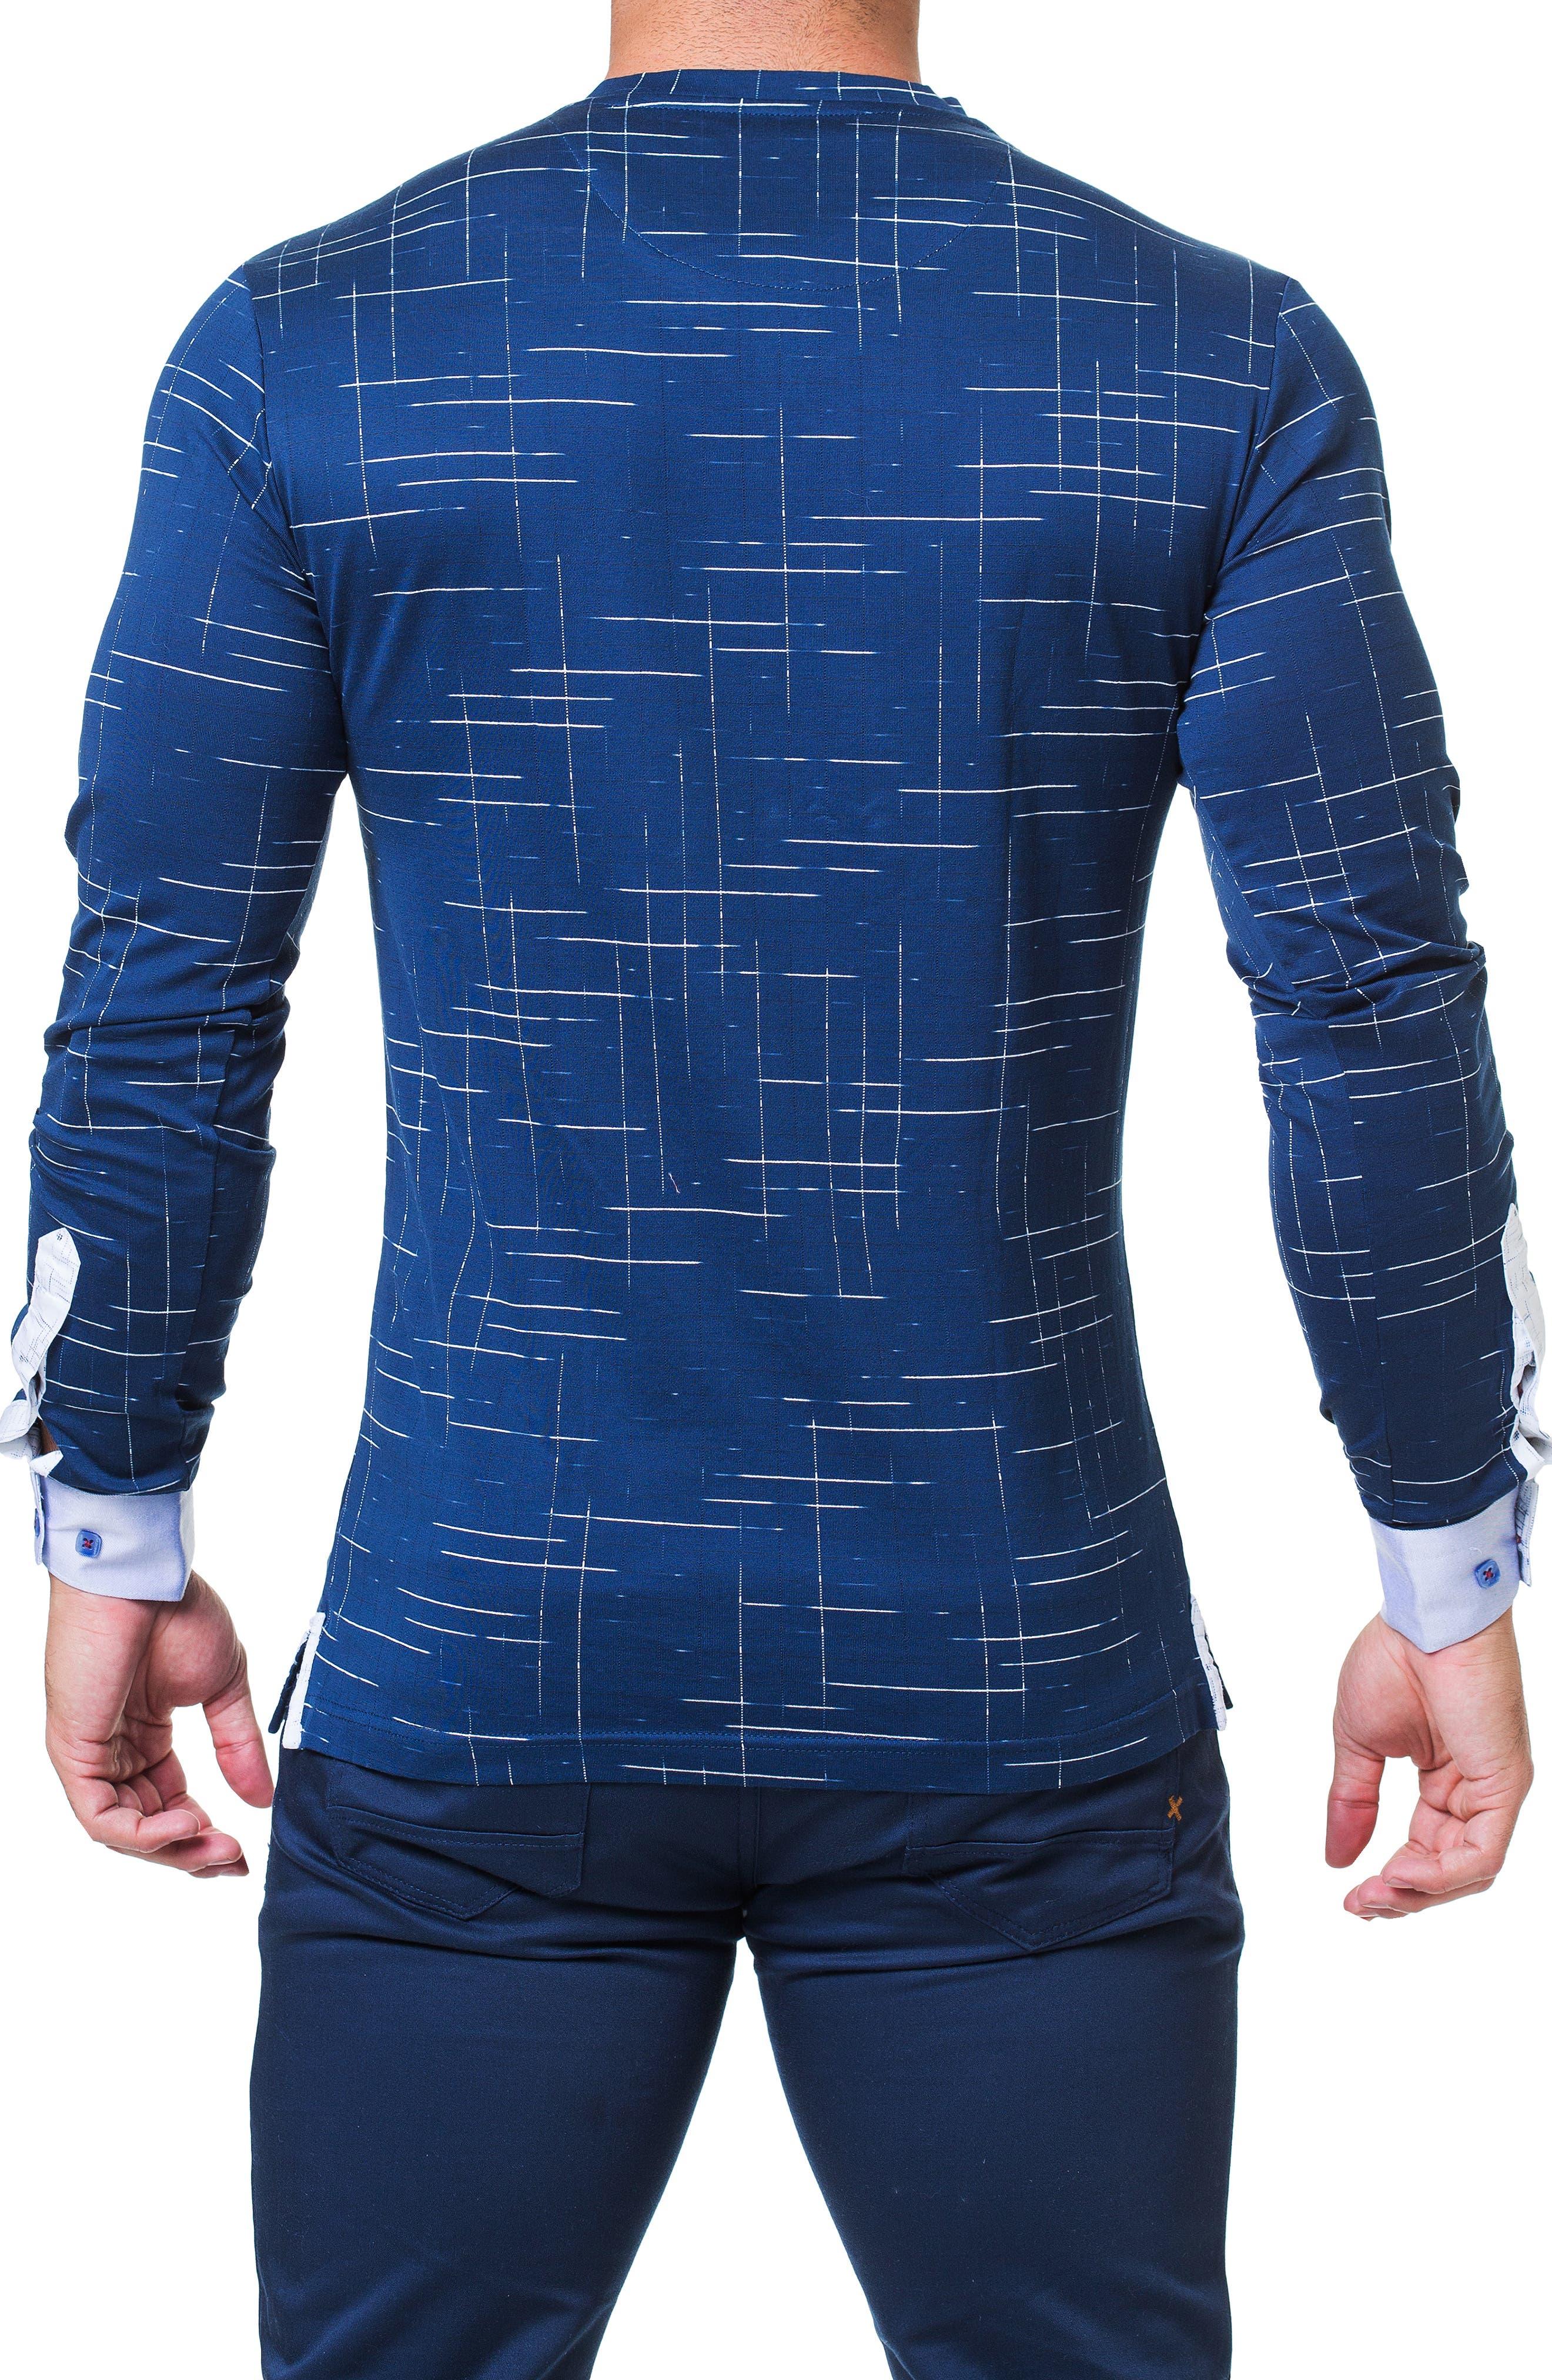 Edison Trim Fit Dash T-Shirt,                             Alternate thumbnail 2, color,                             BLUE